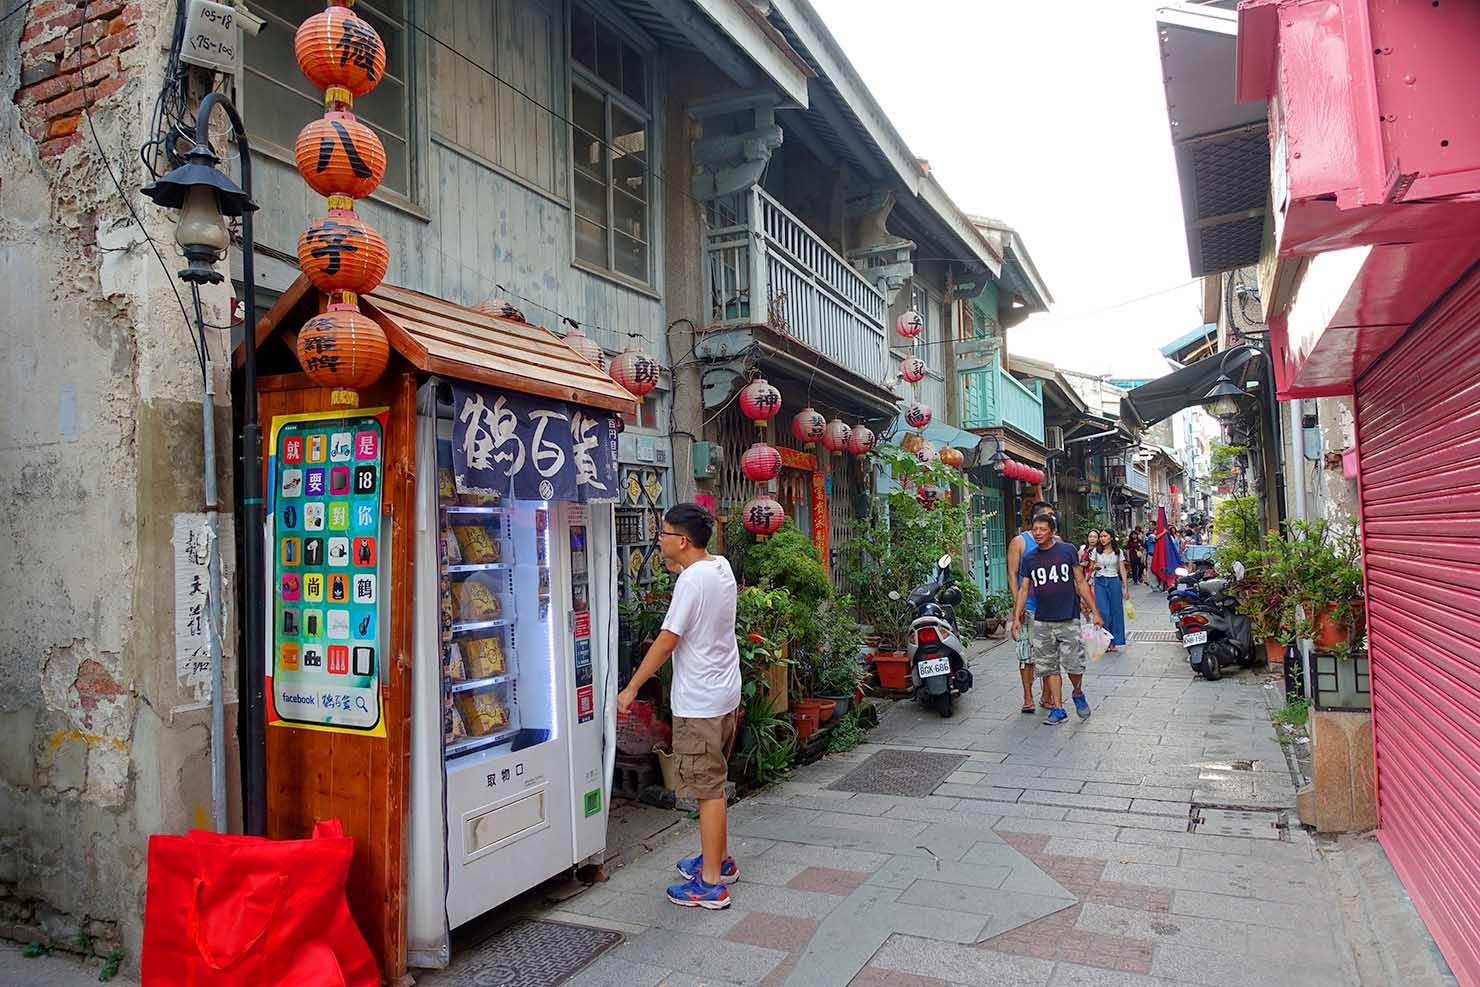 台湾の古都・台南のおすすめ観光スポット「神農街」の入り口